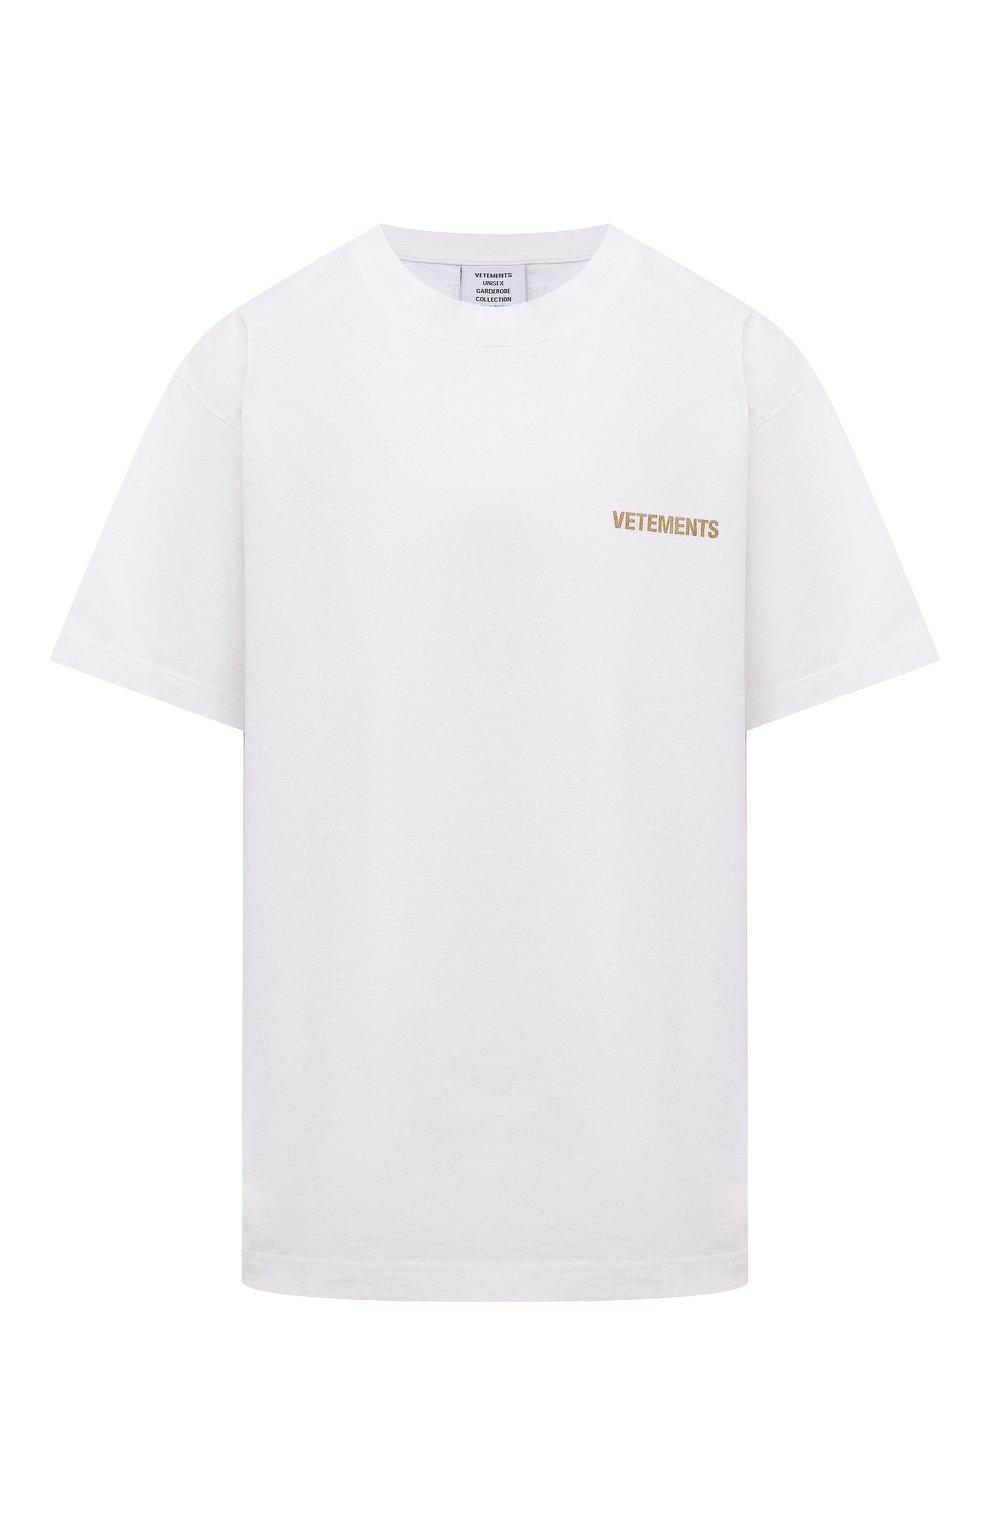 Мужская хлопковая футболка VETEMENTS белого цвета, арт. UA52TR240W 1602/M | Фото 1 (Рукава: Короткие; Длина (для топов): Стандартные; Принт: С принтом; Материал внешний: Хлопок)